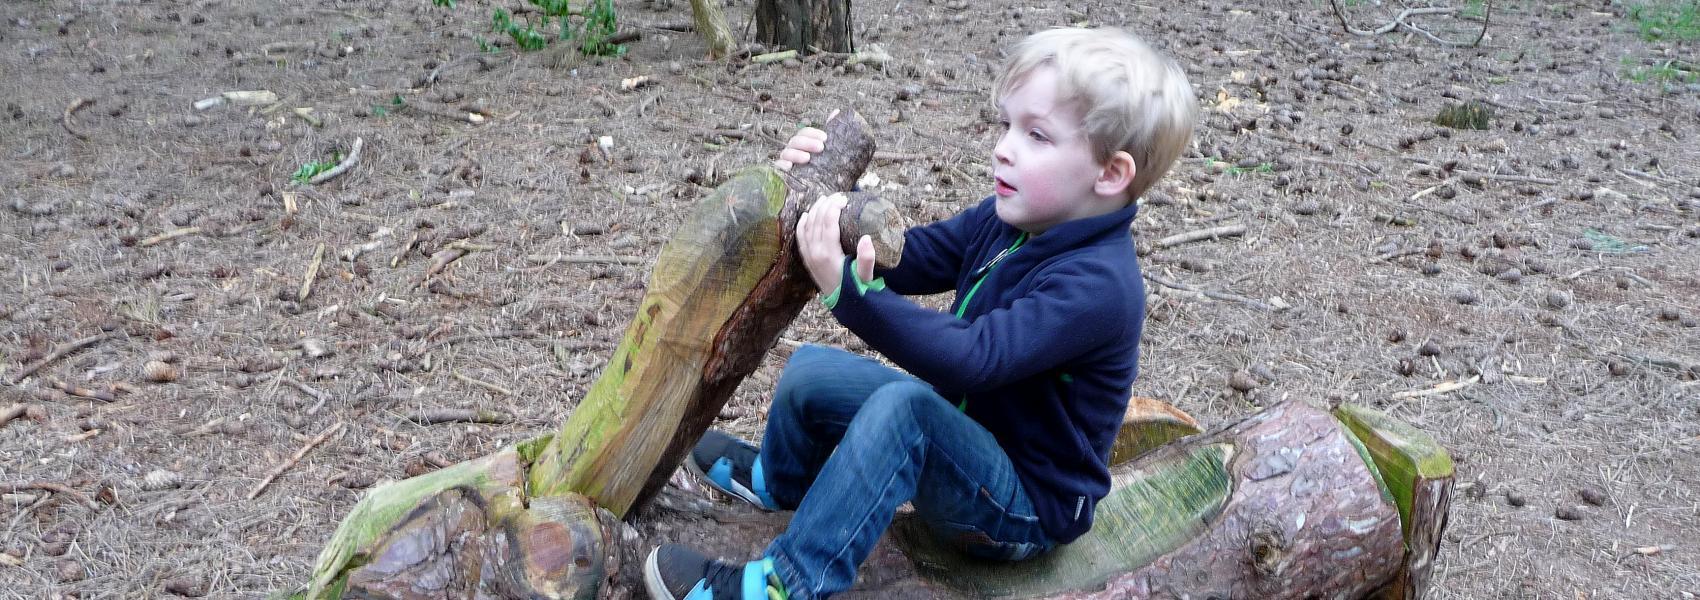 een kind op een natuurlijke gocart